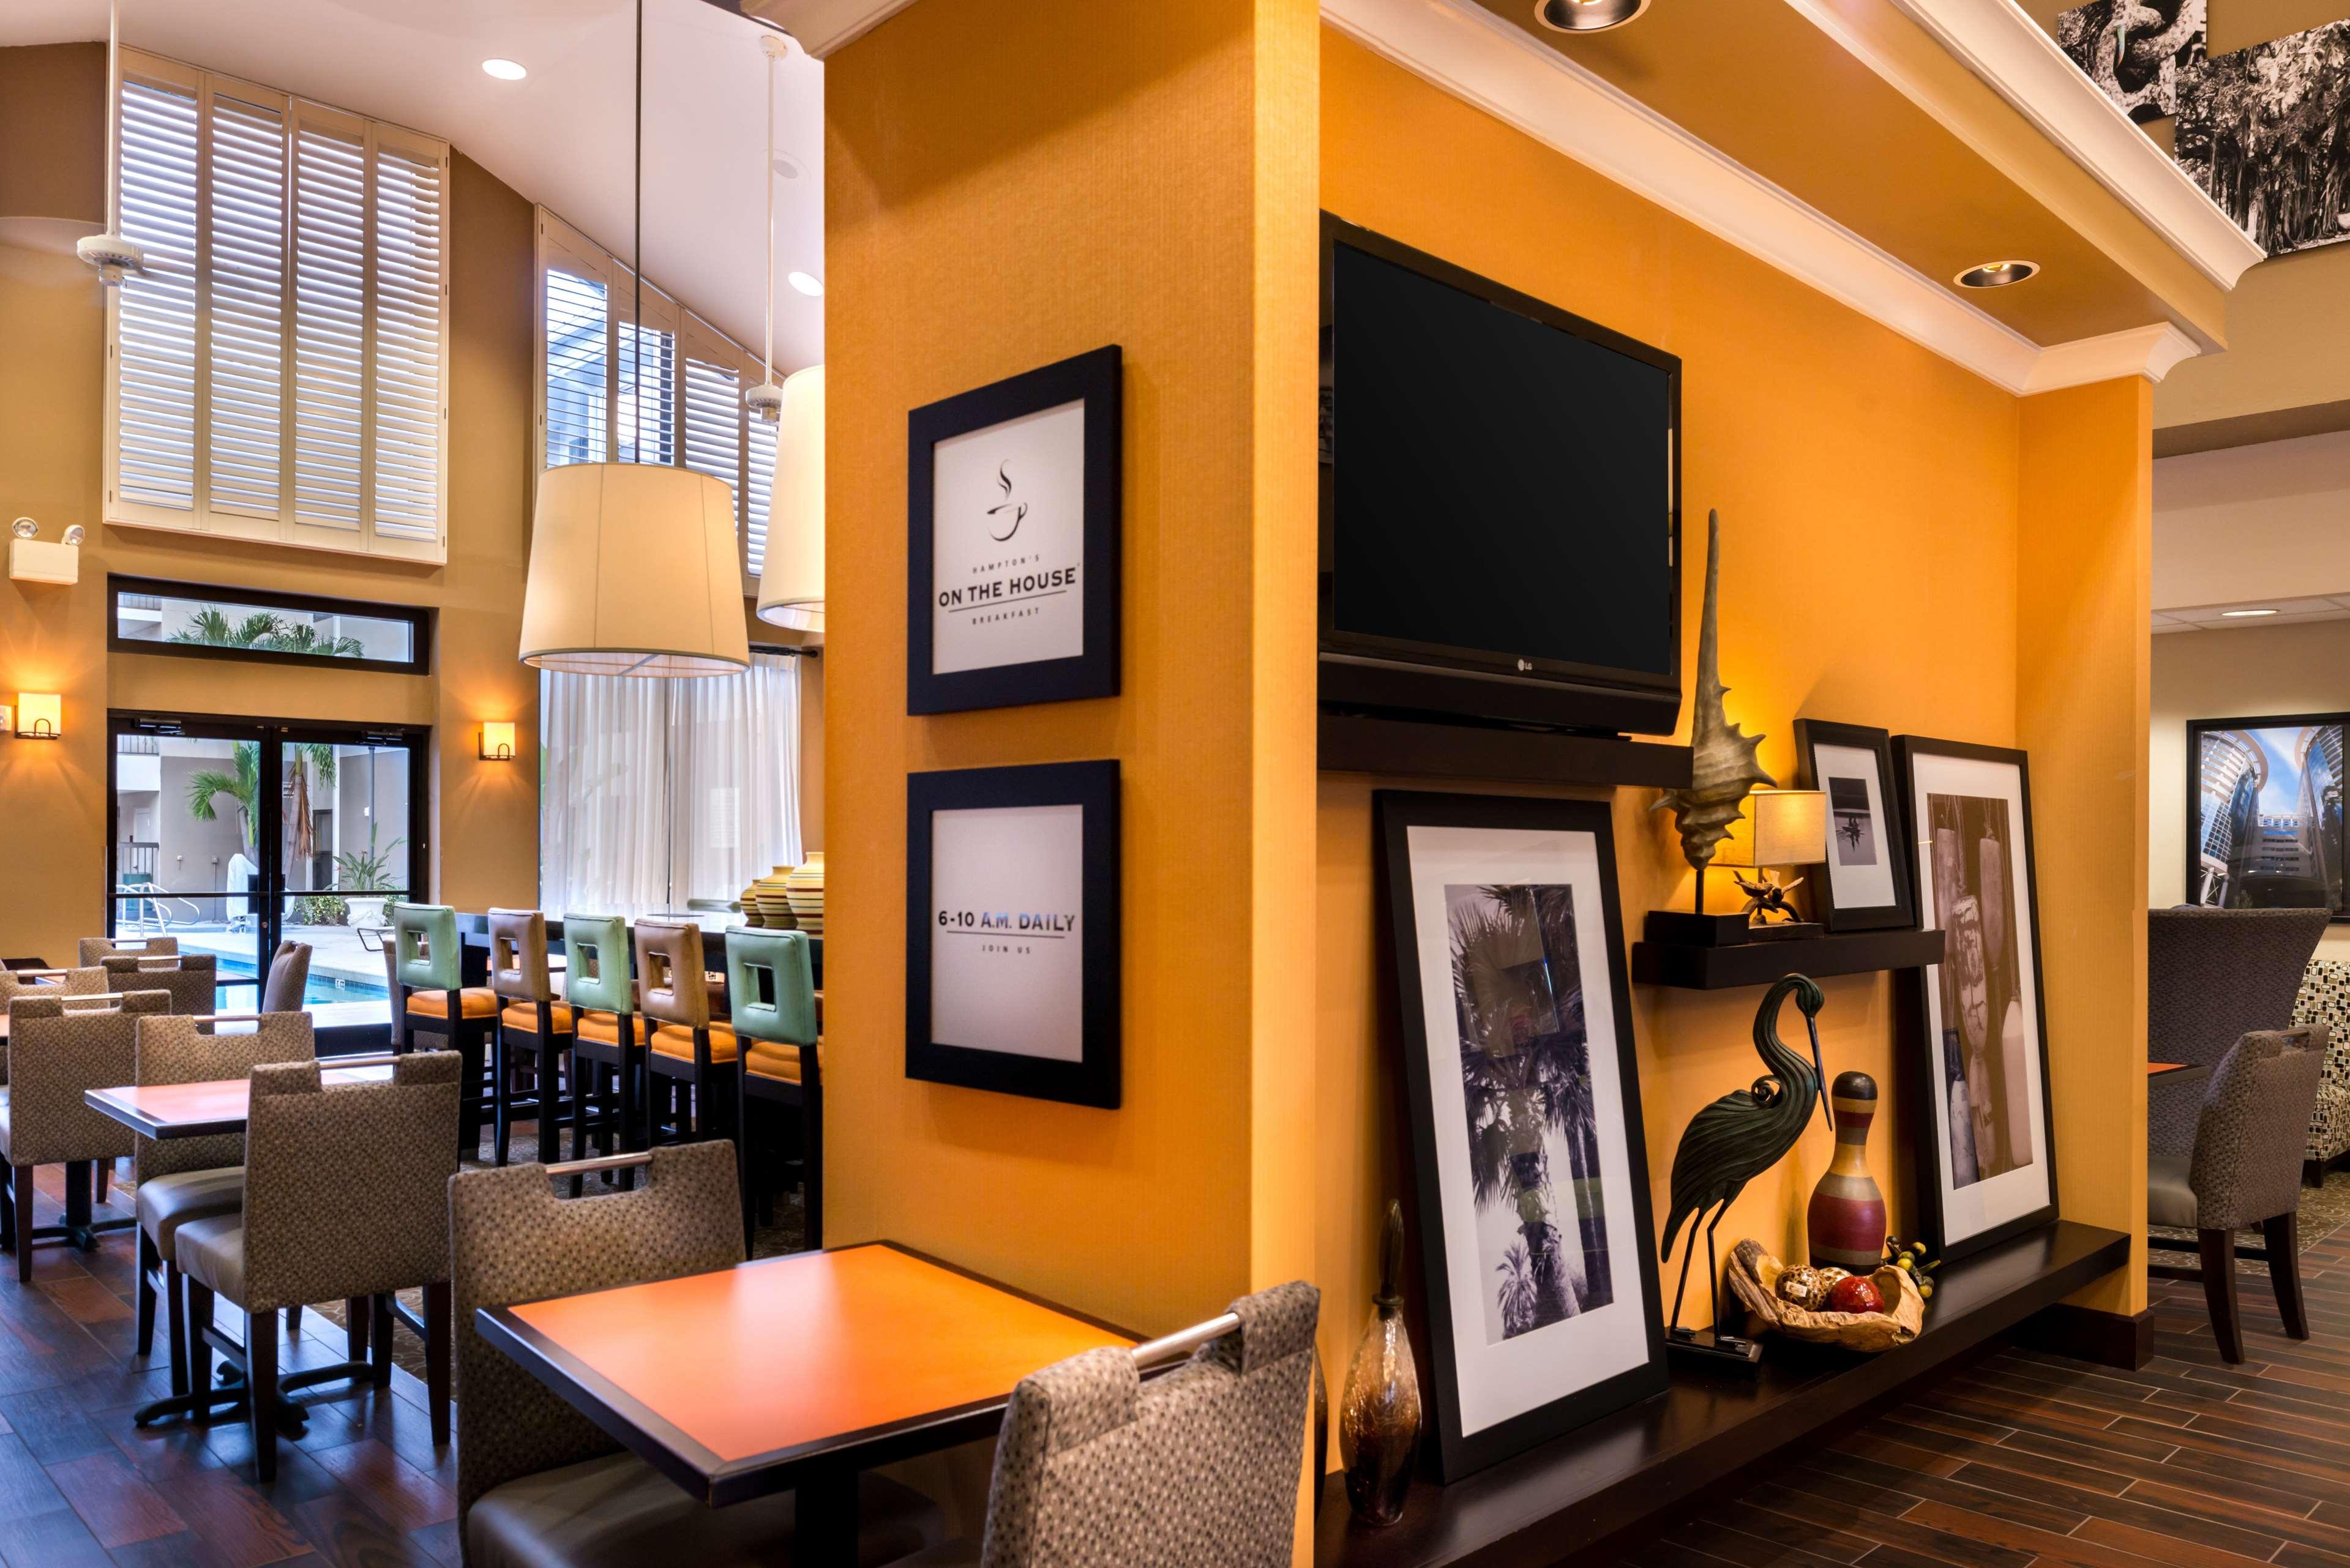 Hampton Inn & Suites Orlando/East UCF Area image 7